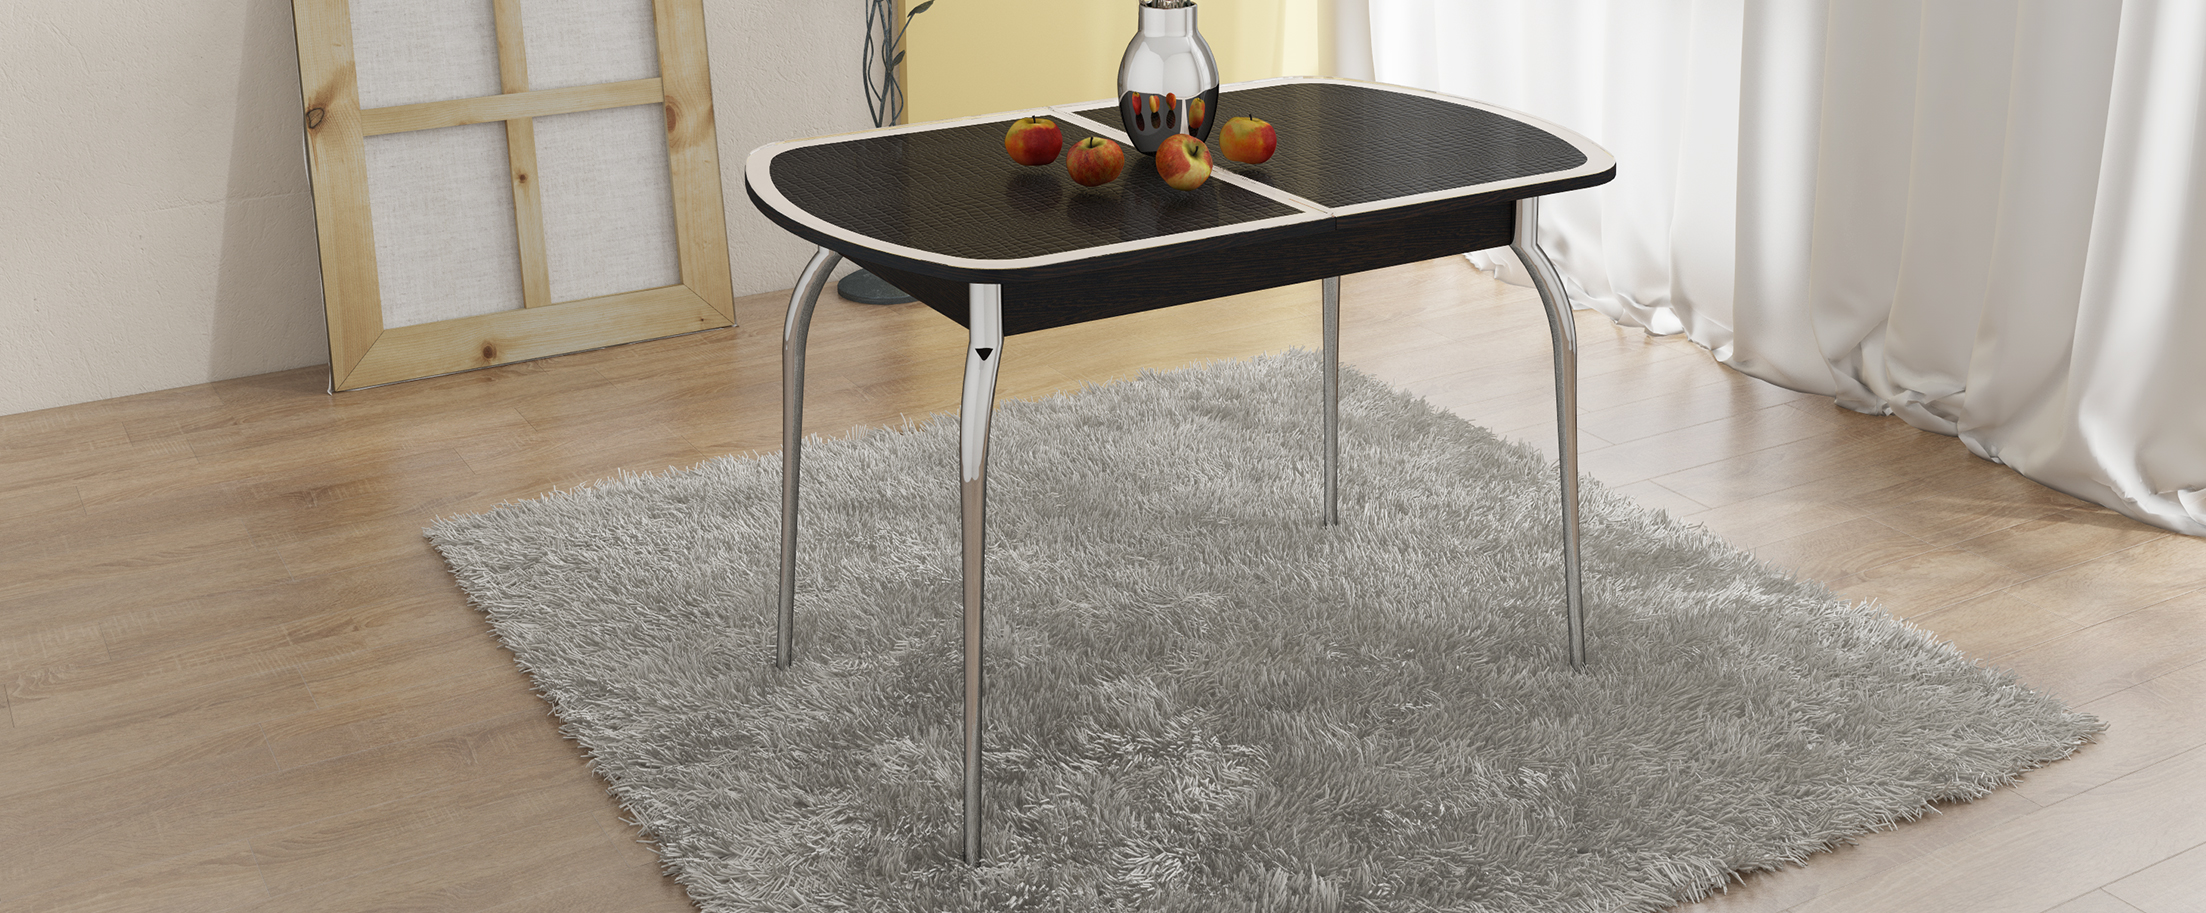 Стол обеденный Ницца Модель 3030Основание стола выполнено из стильного хромированного металла, придающего кухне современный и респектабельный вид<br><br>Ширина см: 142<br>Глубина см: 70<br>Высота см: 75<br>Цвет: Венге<br>Цвет столешницы: Венге<br>Материал столешницы: Стекло<br>Материал корпуса: Хромированный металл